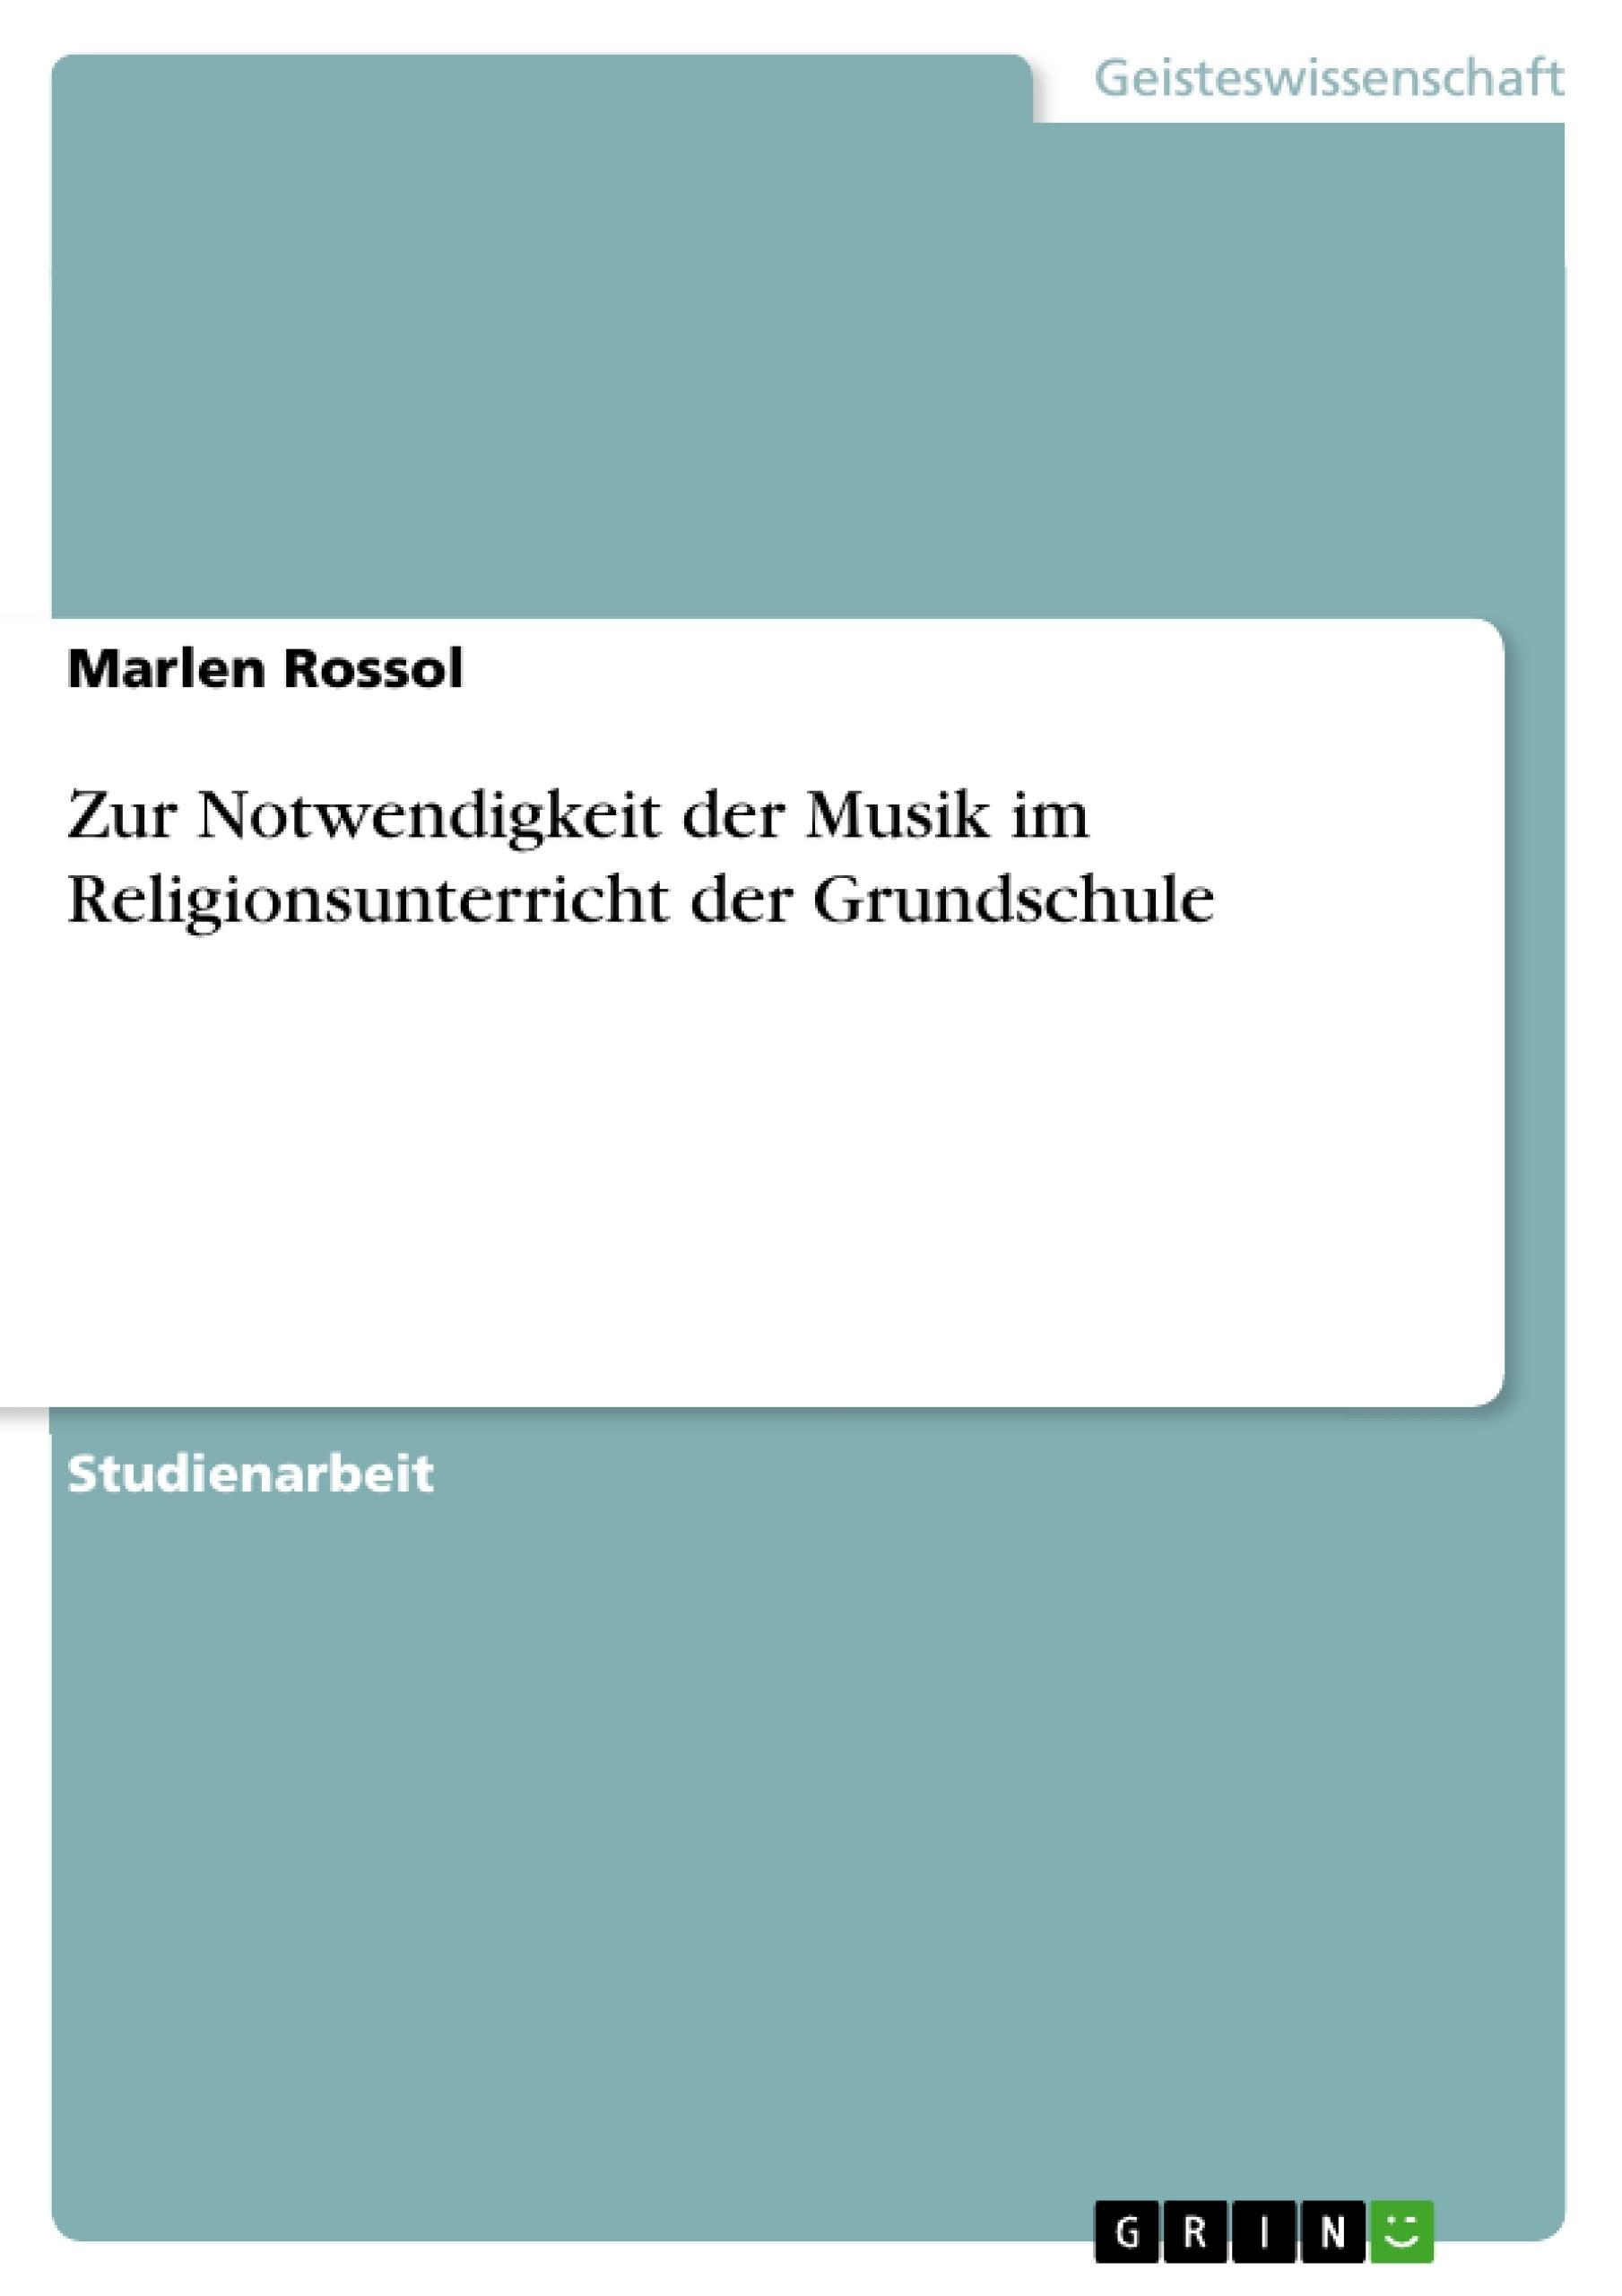 Titel: Zur Notwendigkeit der Musik im Religionsunterricht der Grundschule